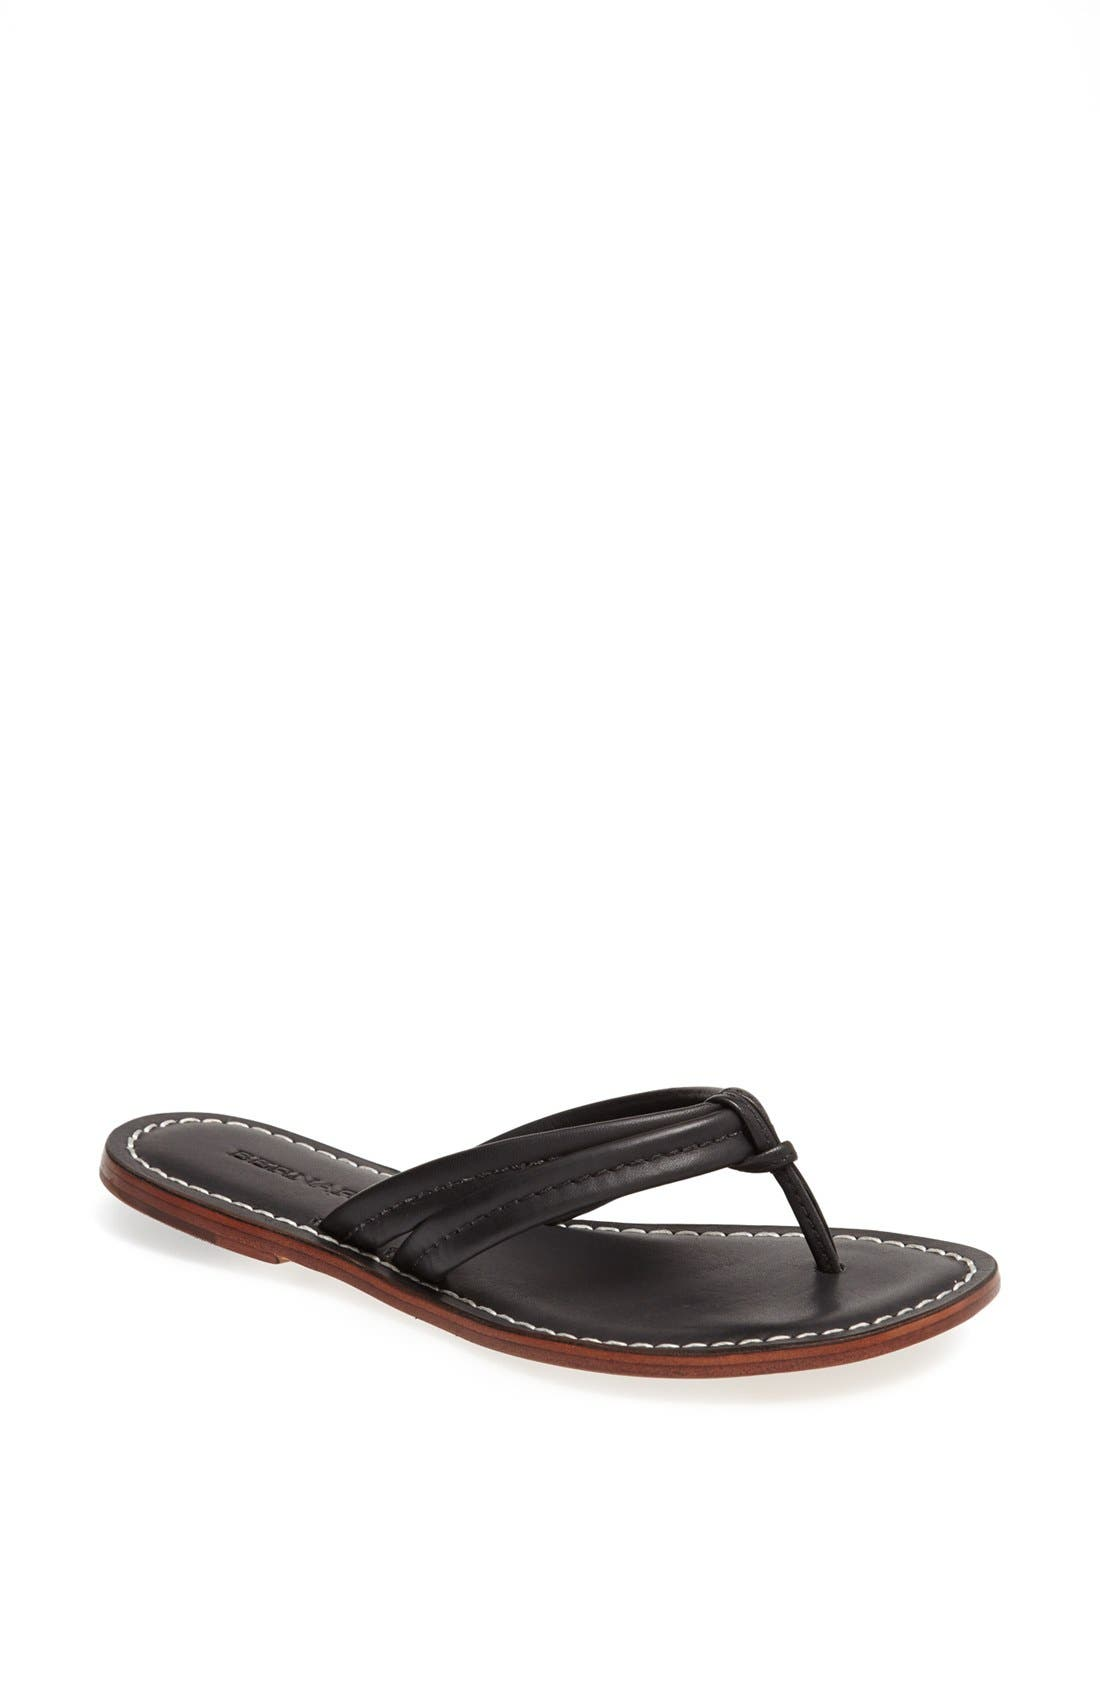 Miami Sandal